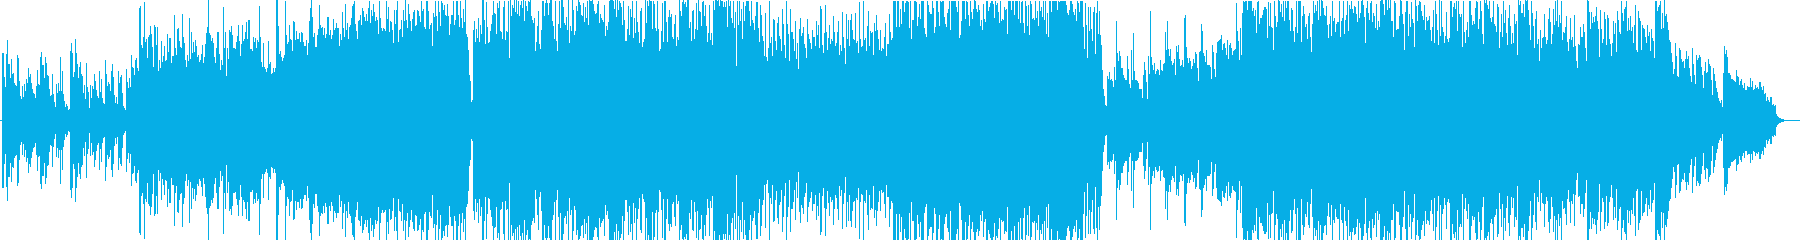 アコギとコーラスが爽やかな劇伴ポップスの再生済みの波形